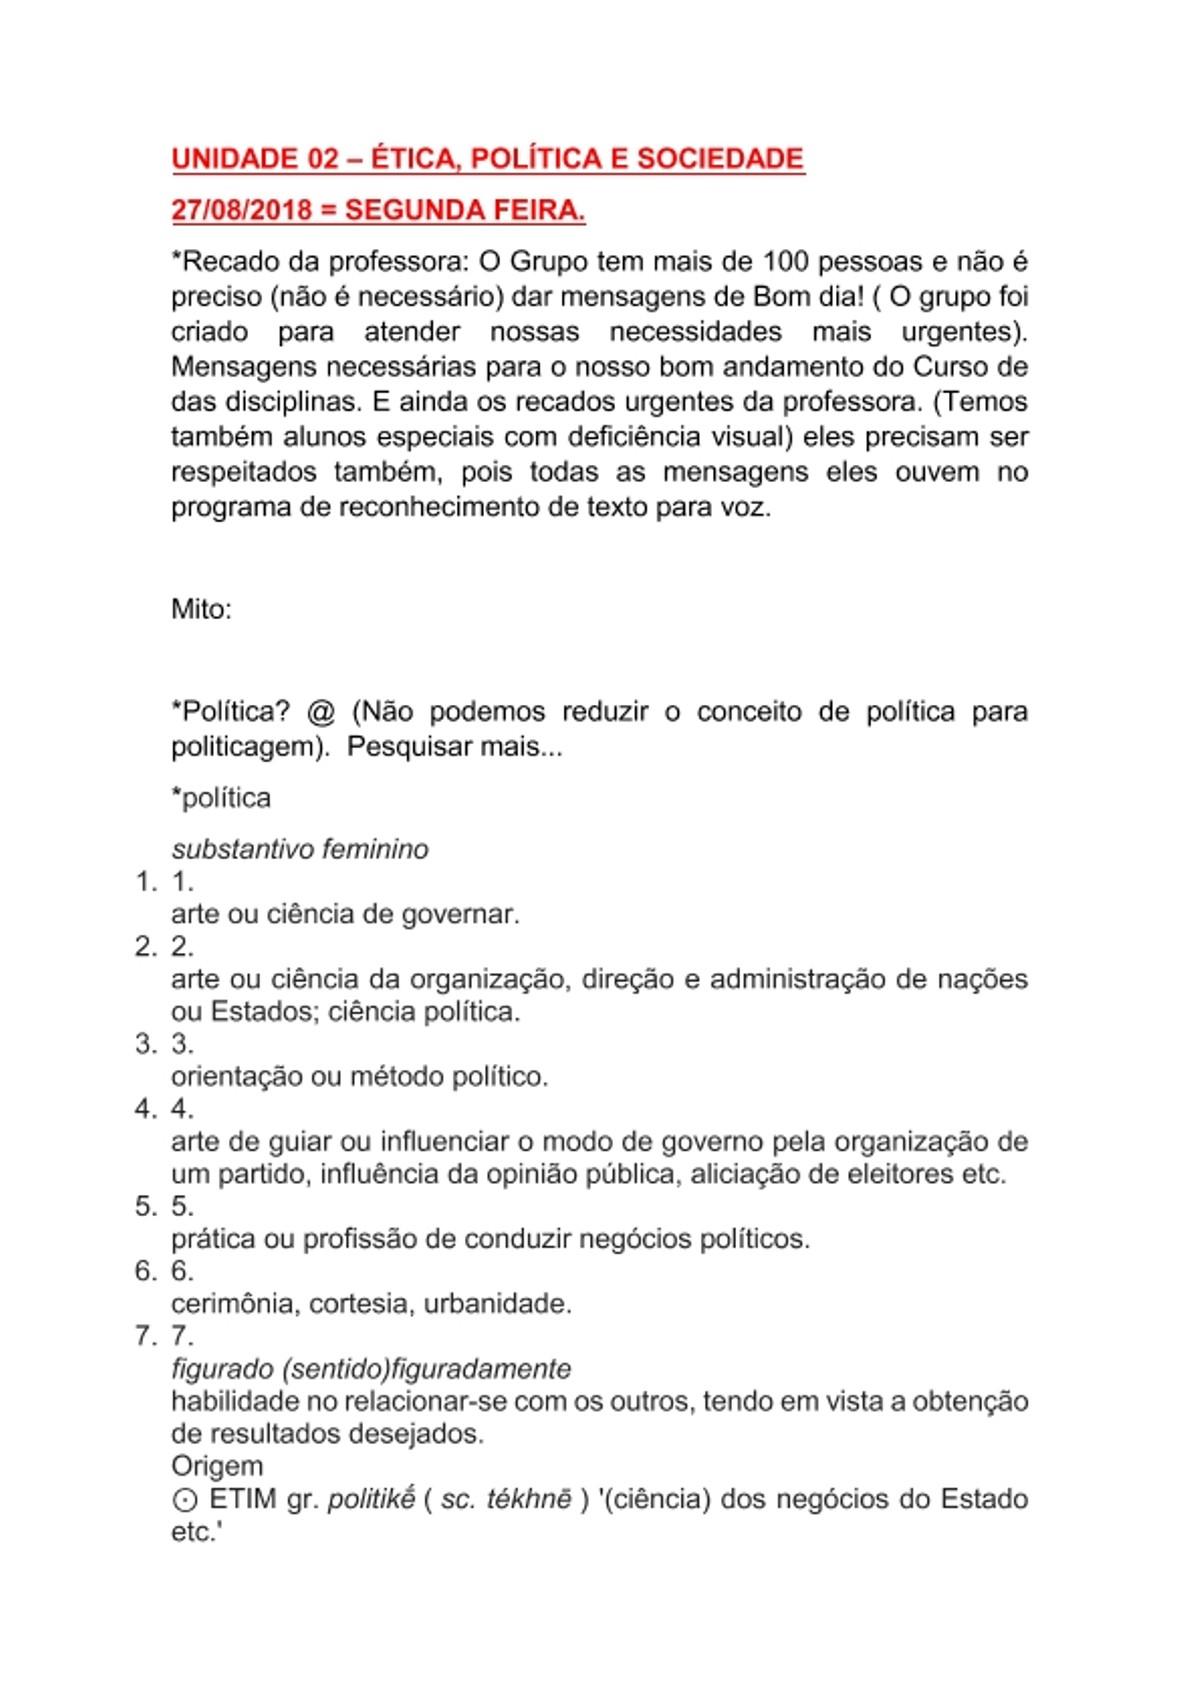 Pre-visualização do material Aula 01   27 08 18   UNIDADE 02 (Ética, política e Sociedade) - página 1